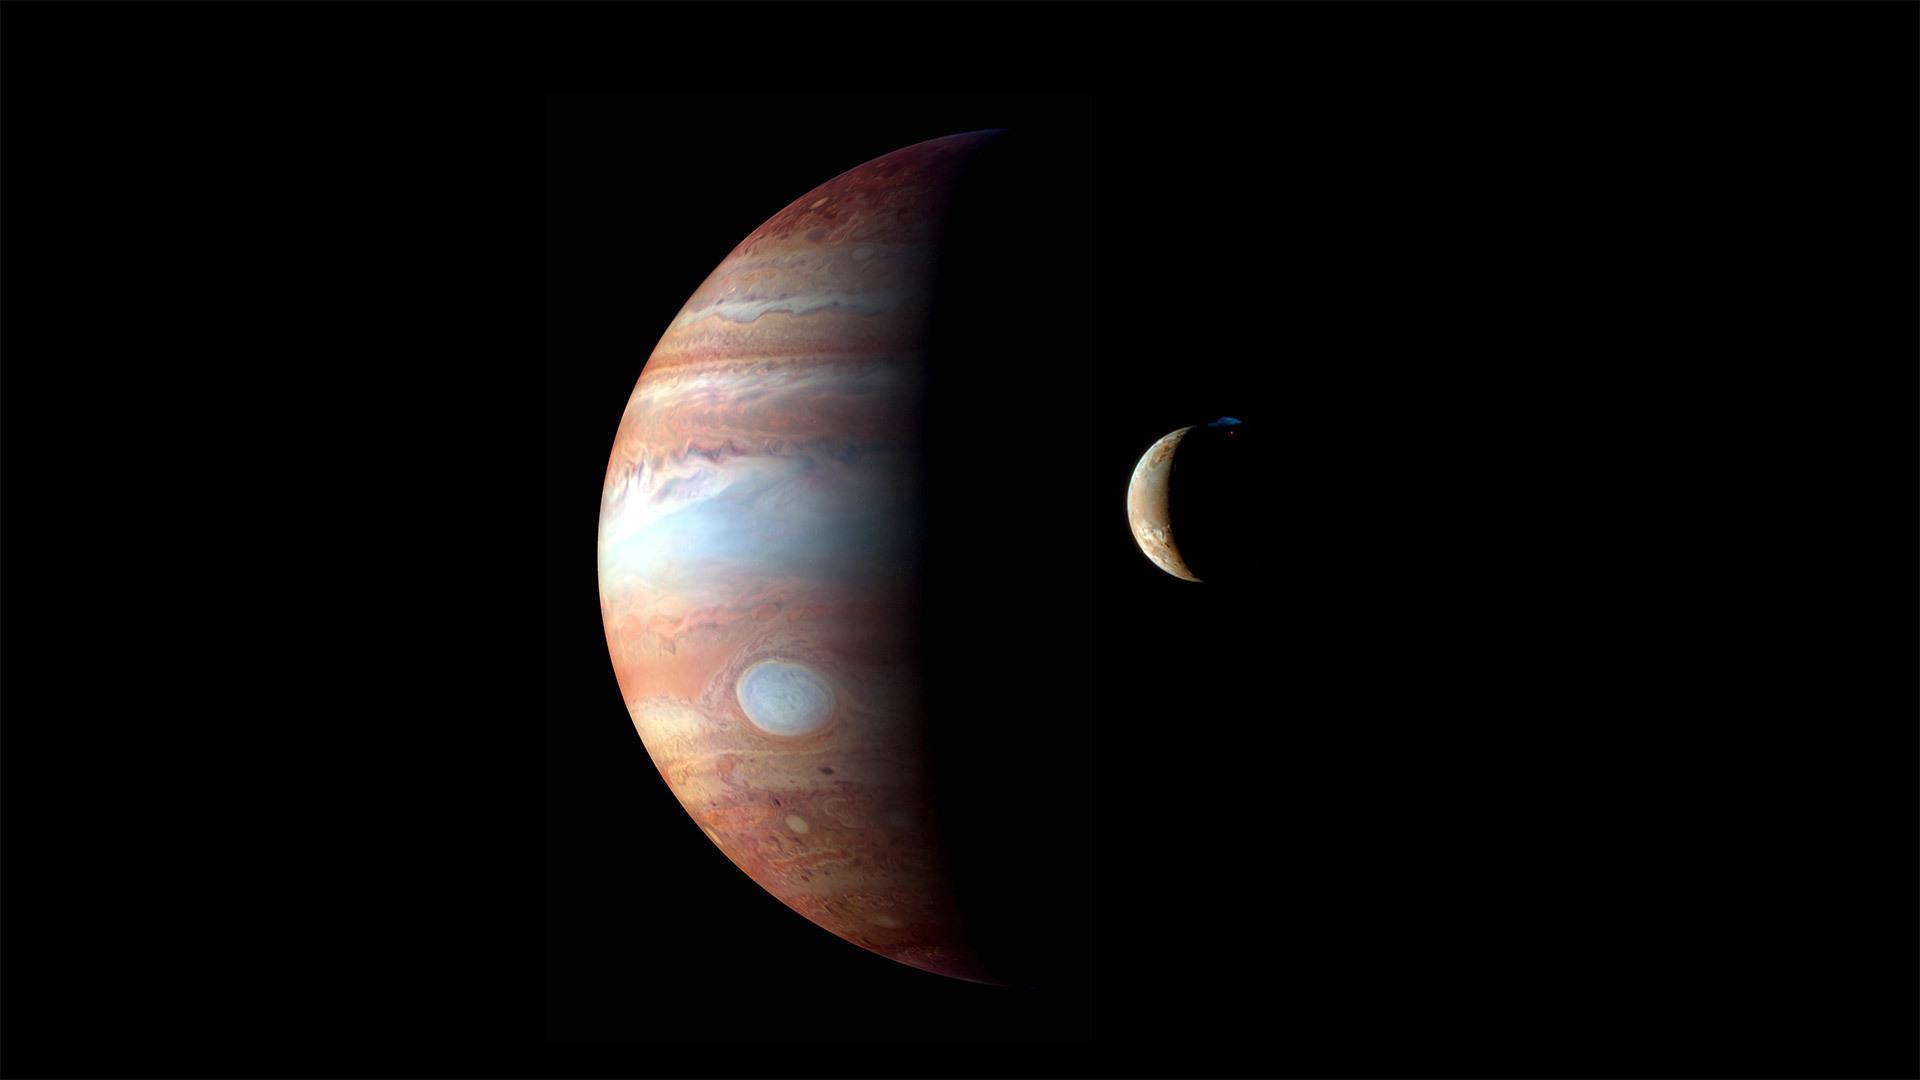 木星及木卫一的蒙太奇图像  木星